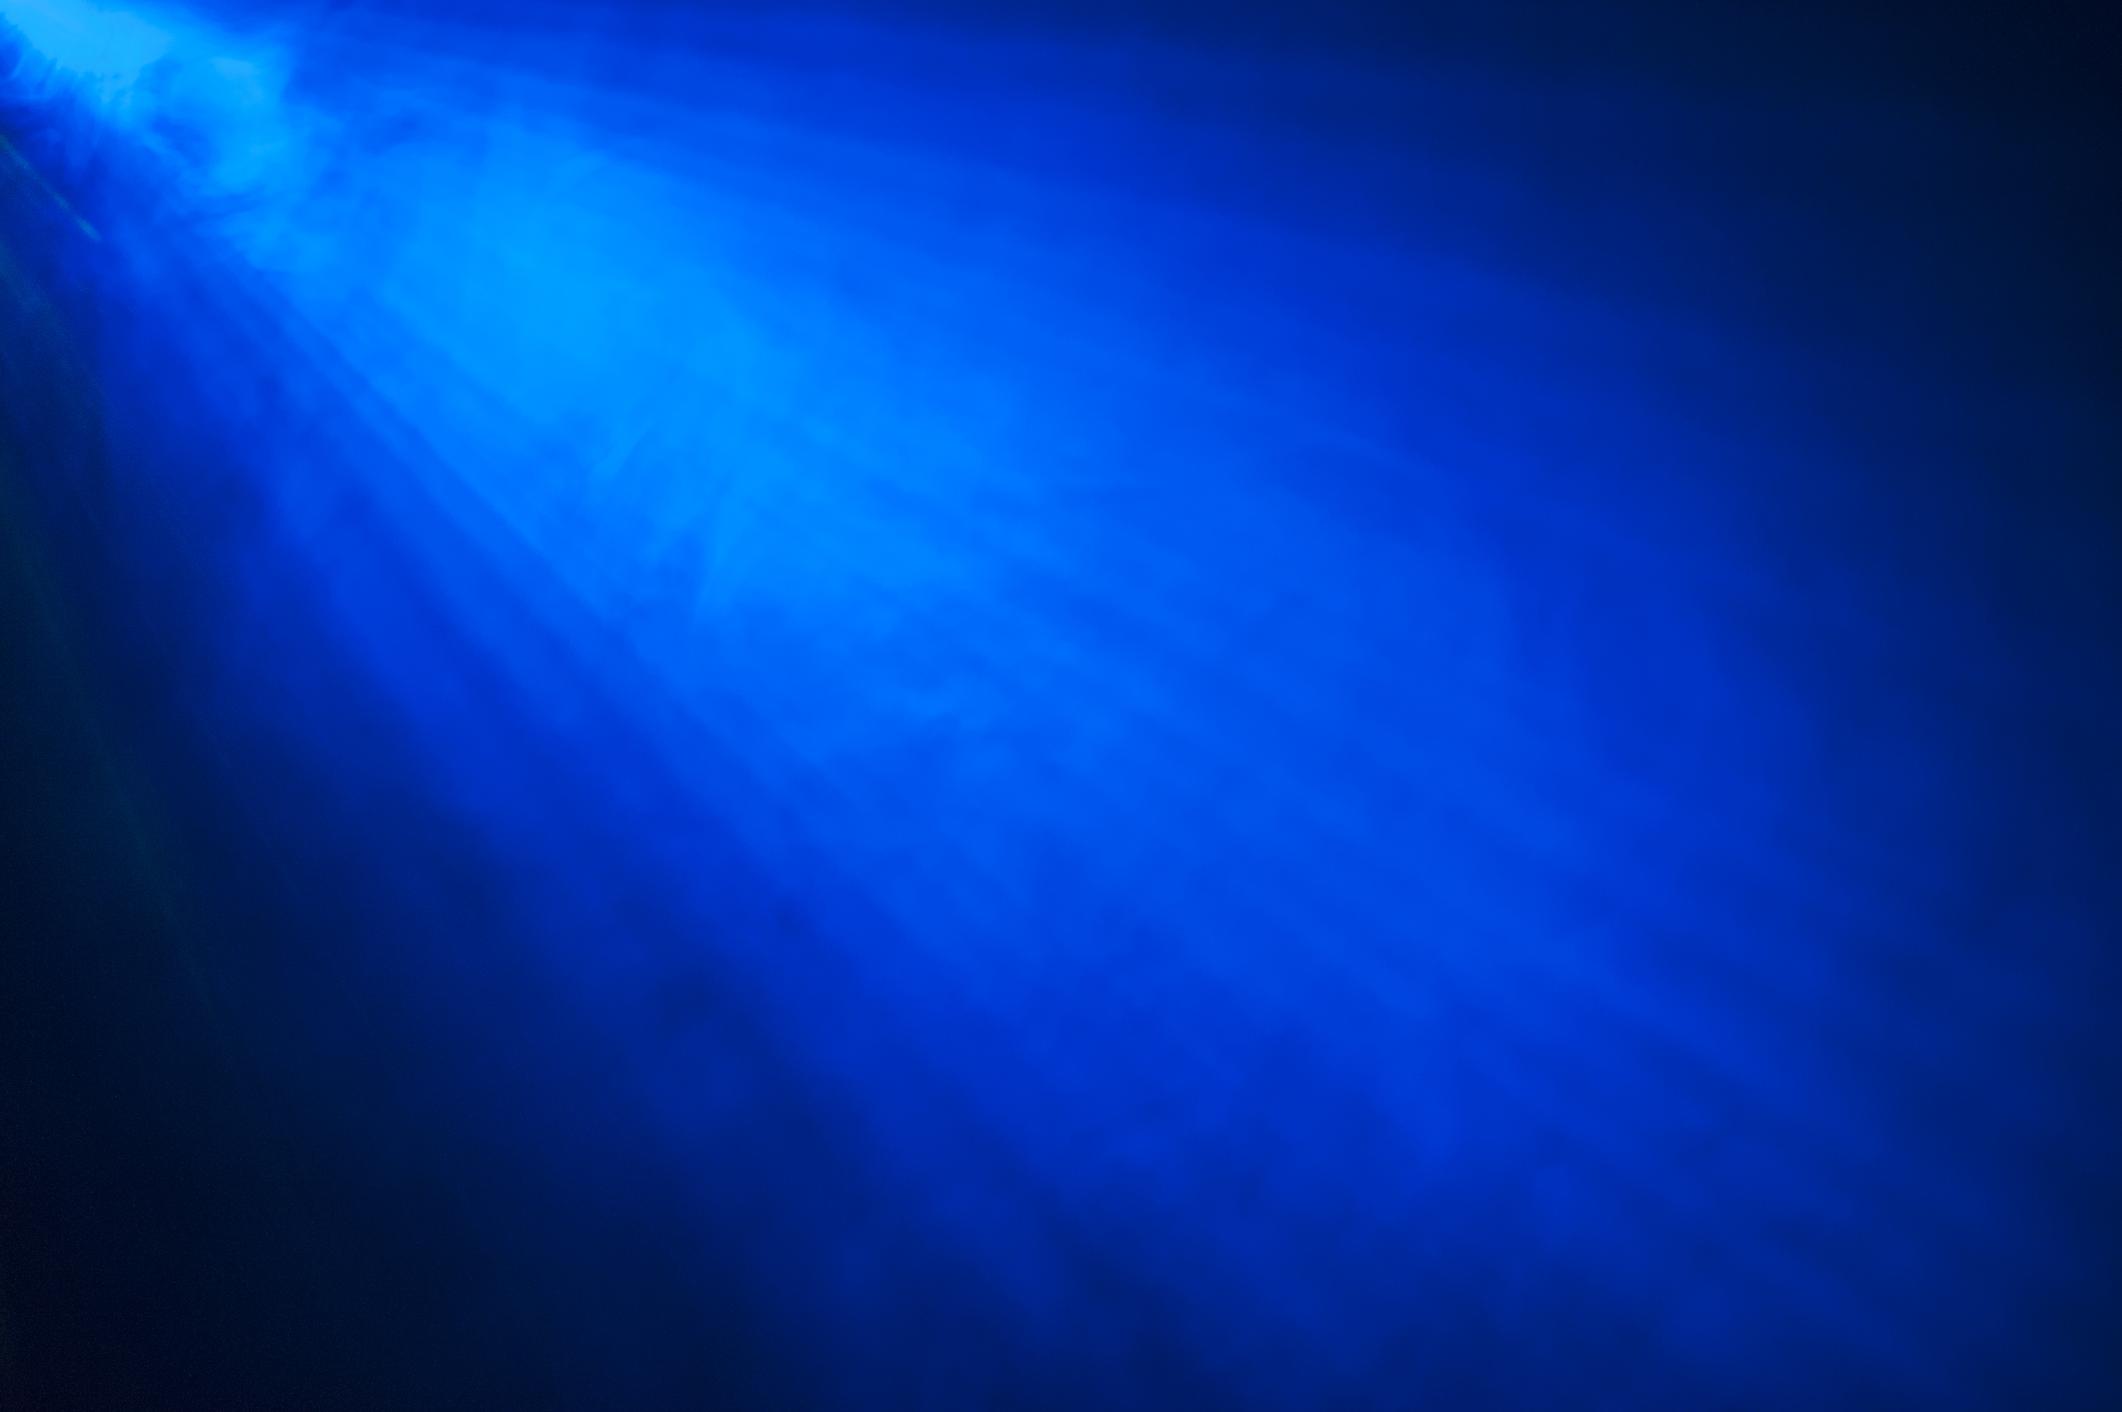 درجات اللون اللبني from www.sasapost.com